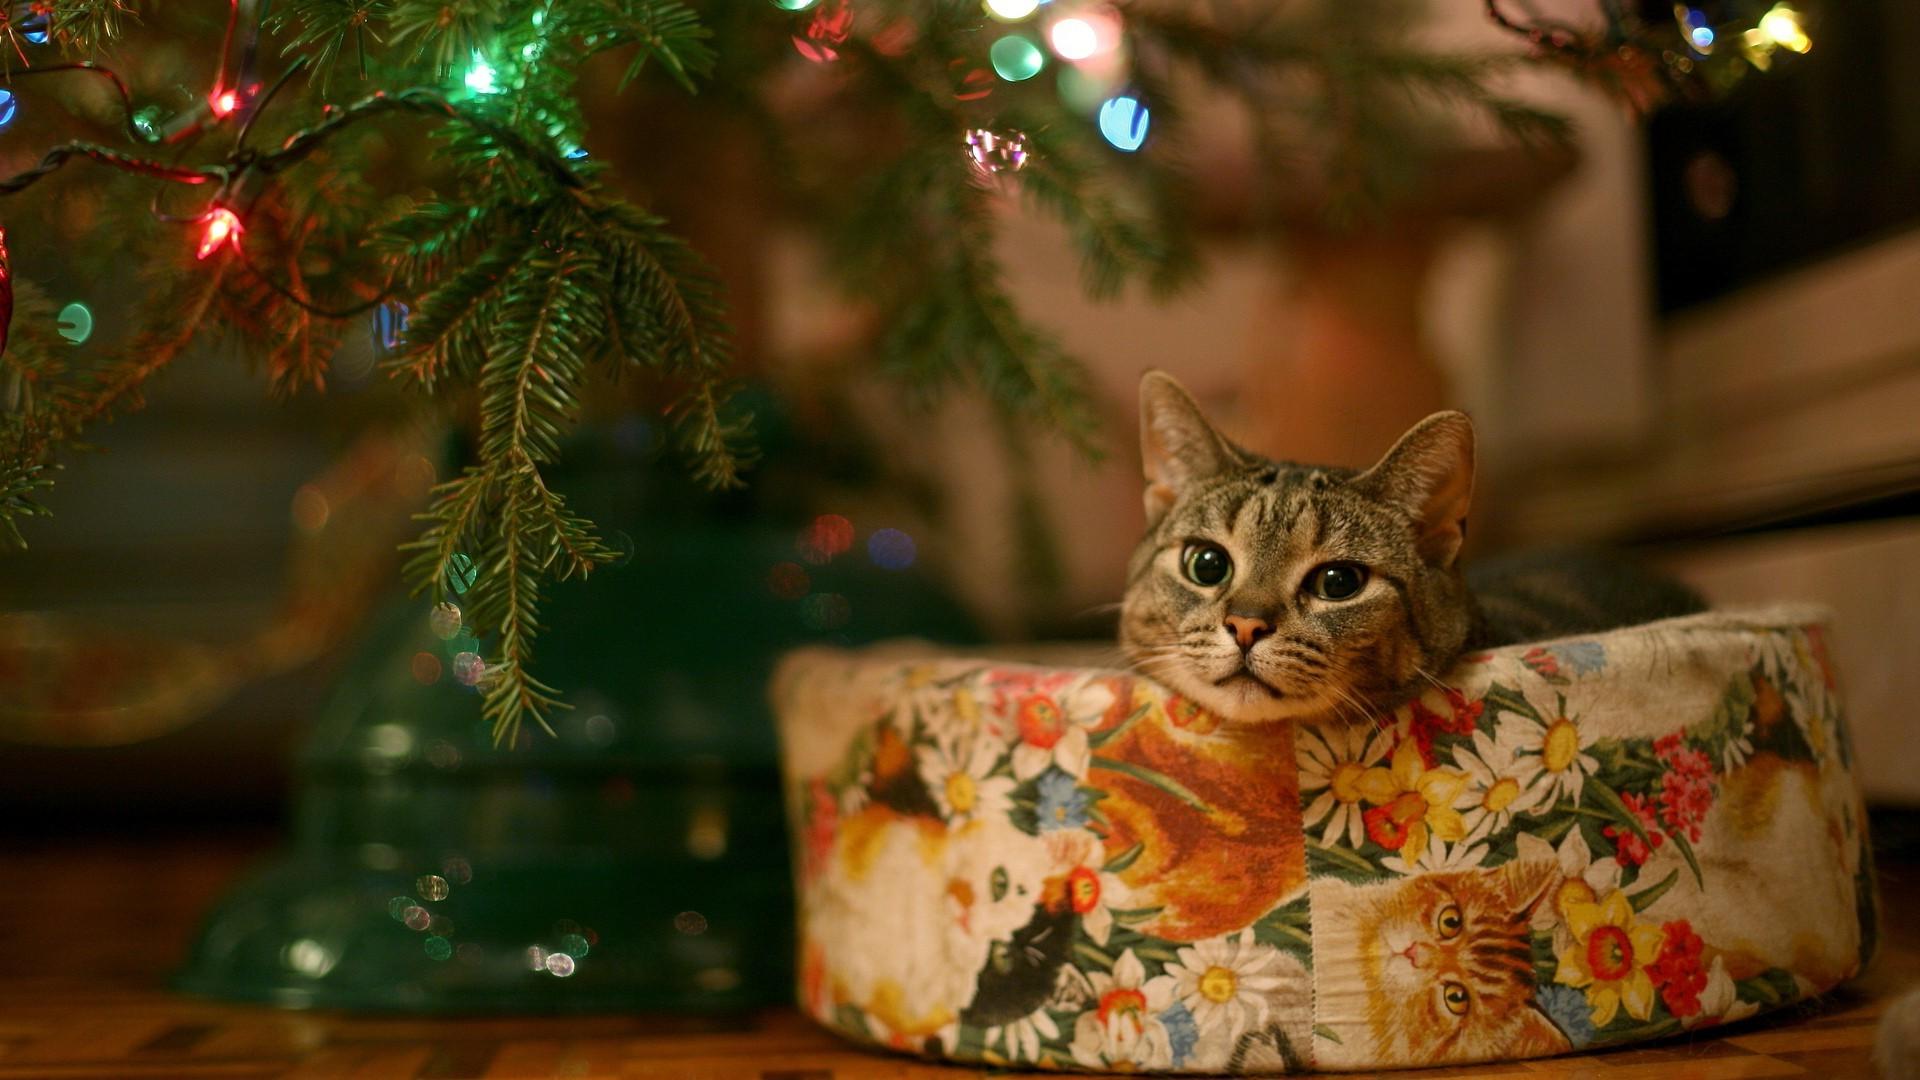 Fond D écran Vacances De Noël: Fond D'écran : Chat, Animaux, Arbre De Noël, Moustaches